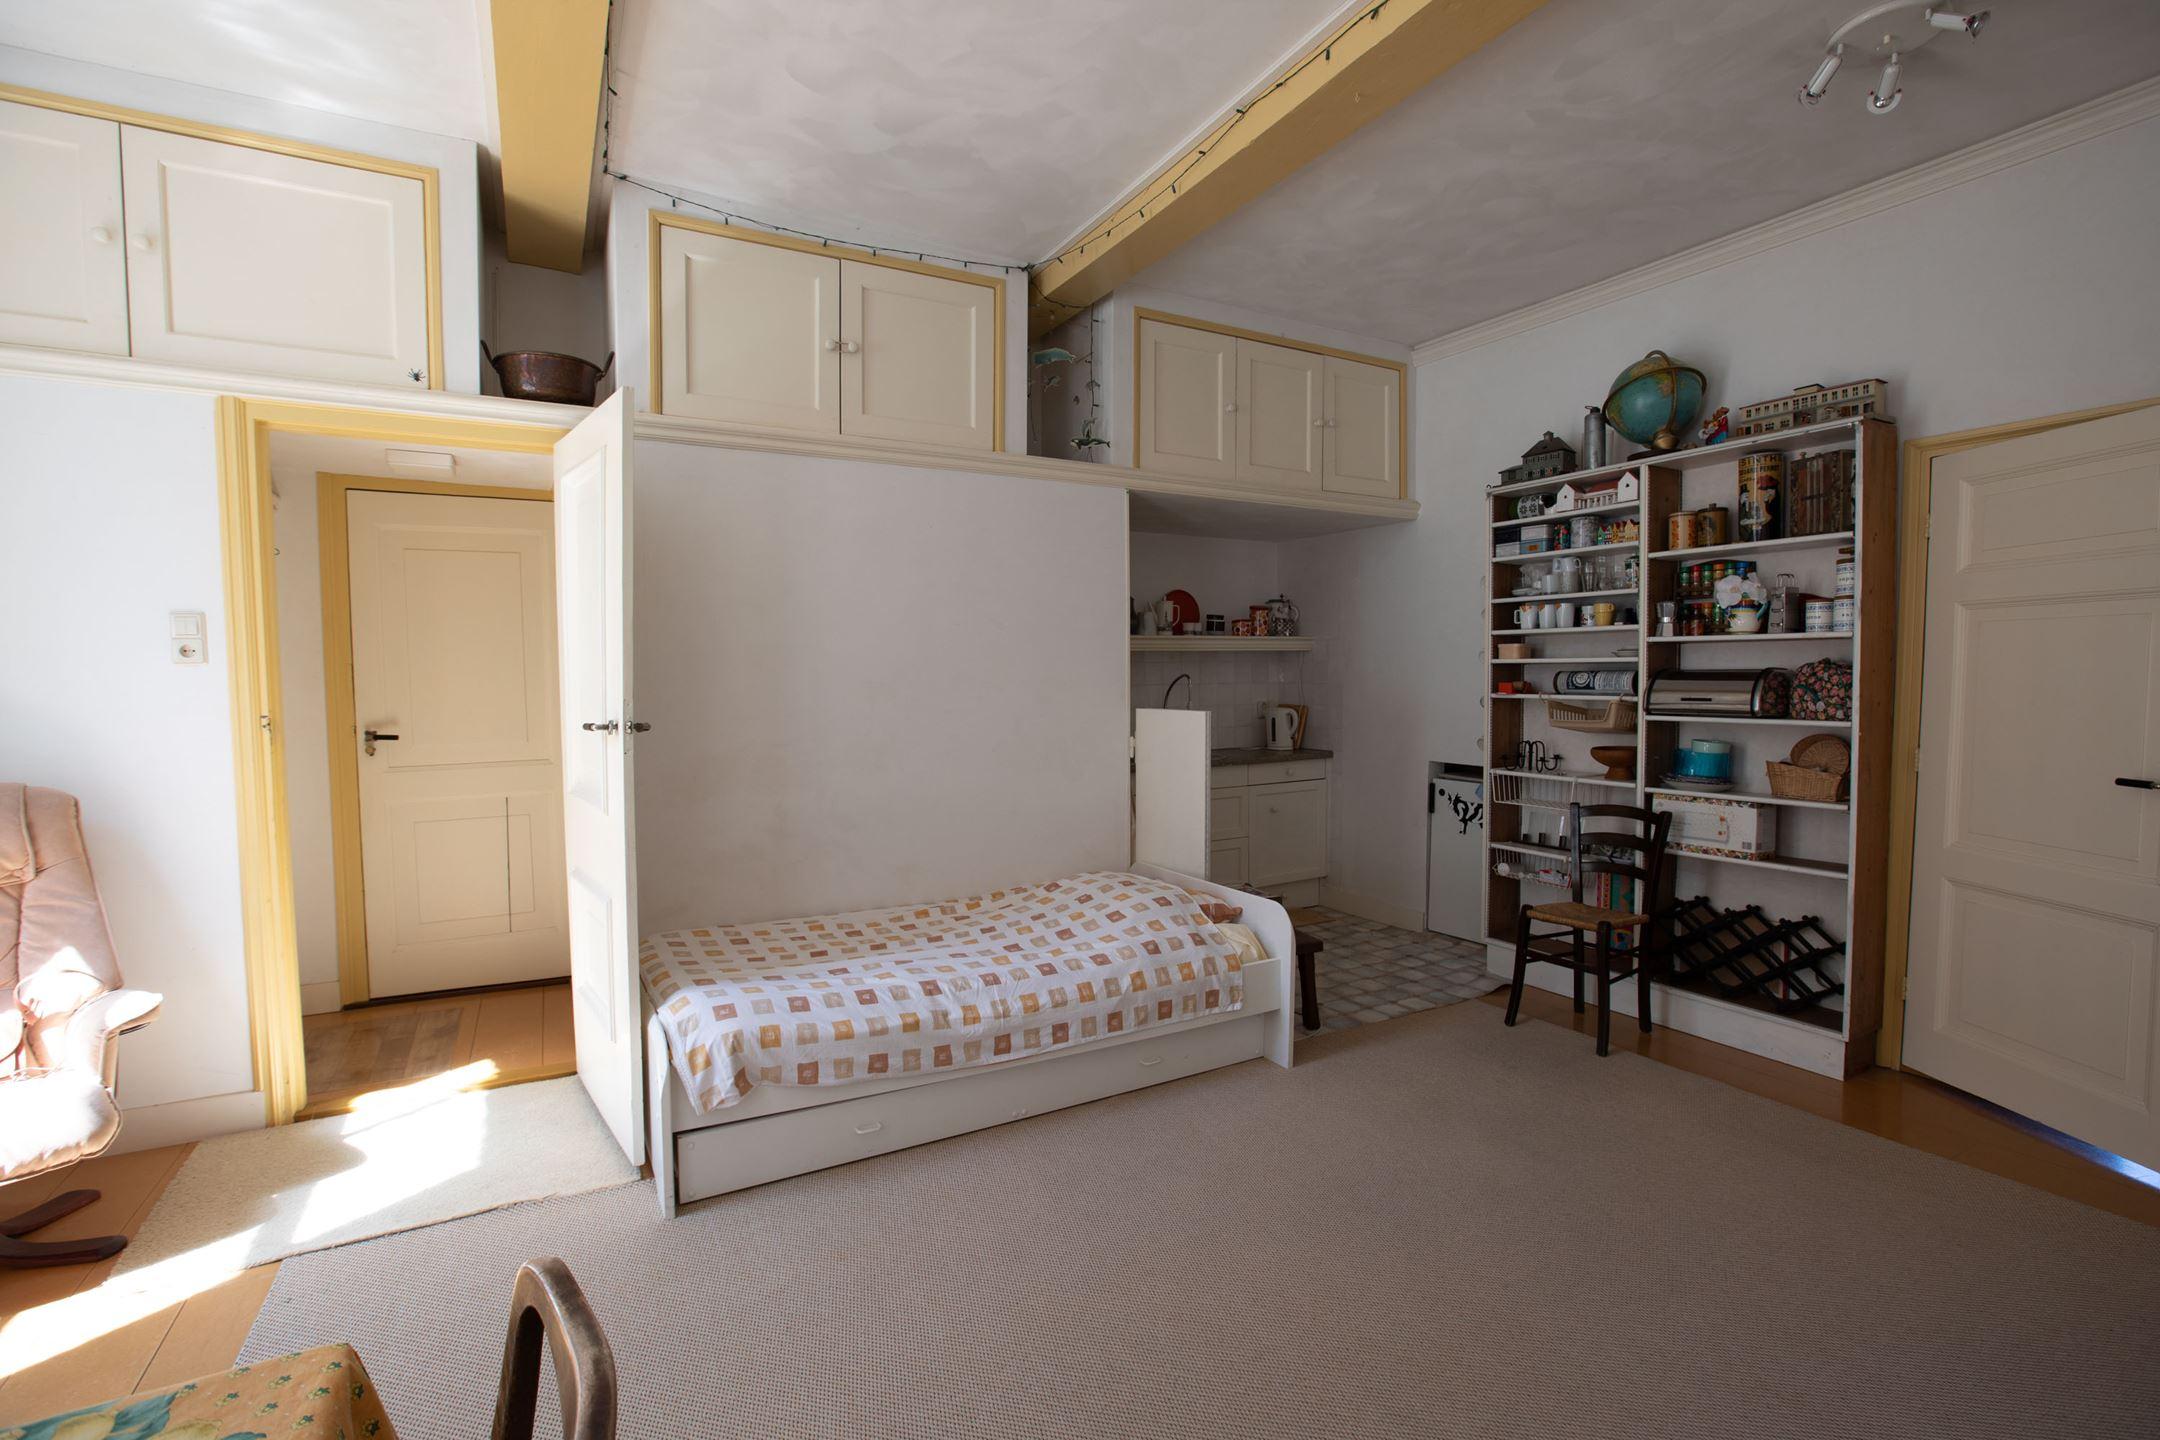 Rococo Bed Kopen : Huis te koop: rapenburg 49 2311 gh leiden [funda]